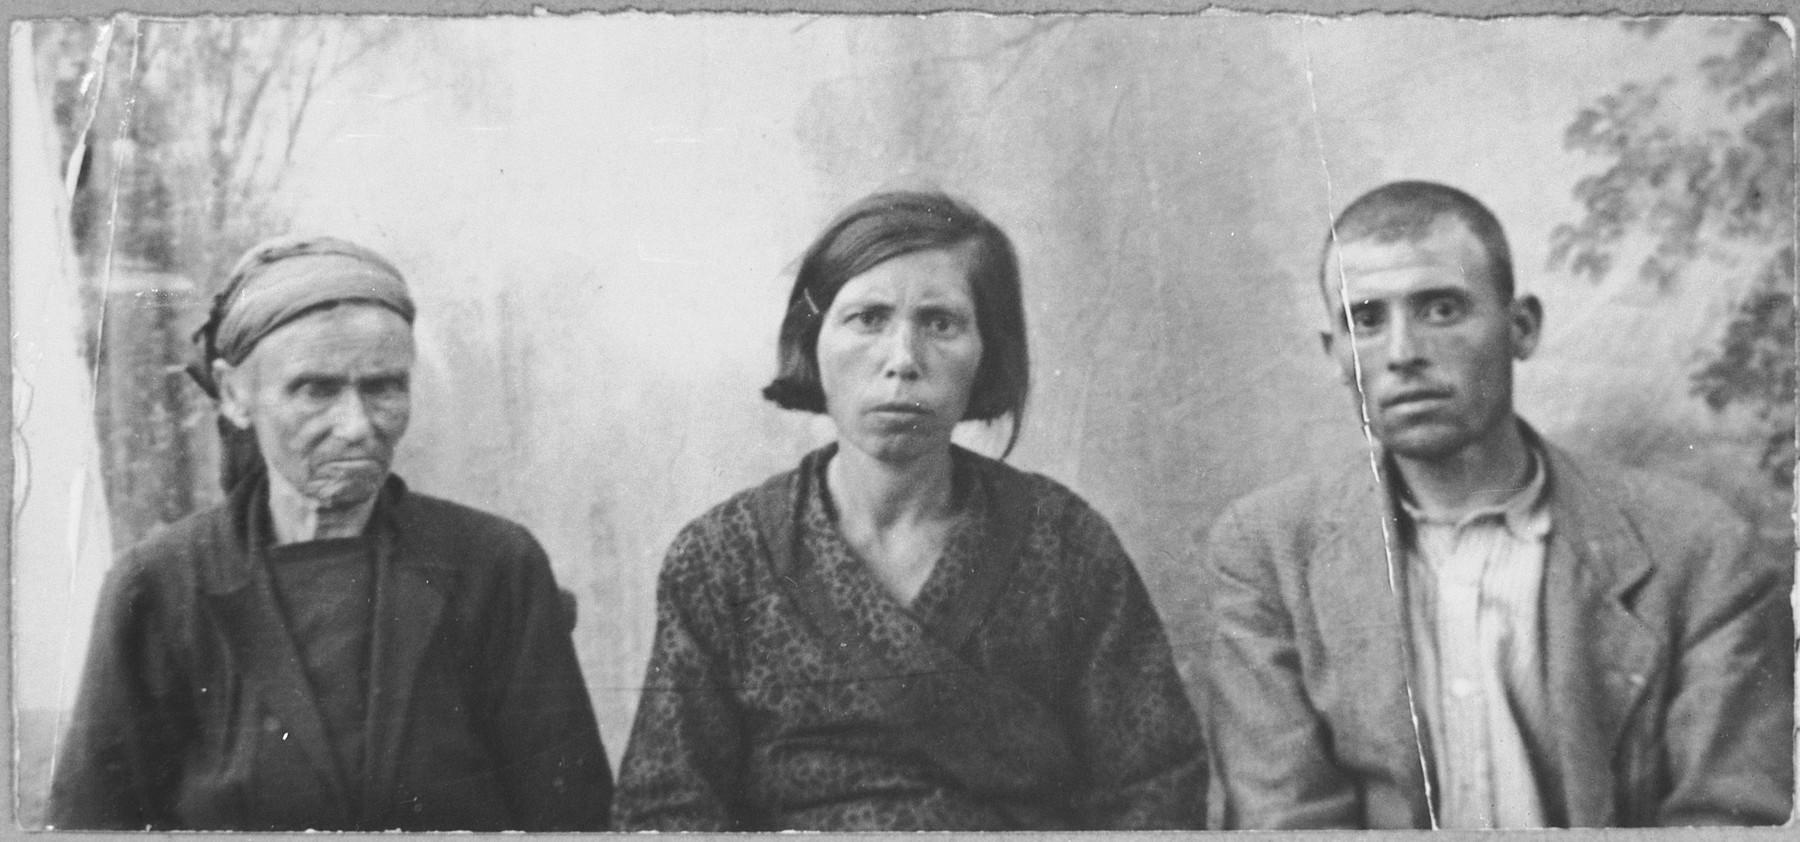 Portrait of Estreya Kalderon, wife of Avram Kalderon, Solomon Kalderon, son of Avram Kalderon, and Solomon's wife, Buena.  Solomon was a glazier.  They lived at Mitrovatska 3-5 in Bitola.